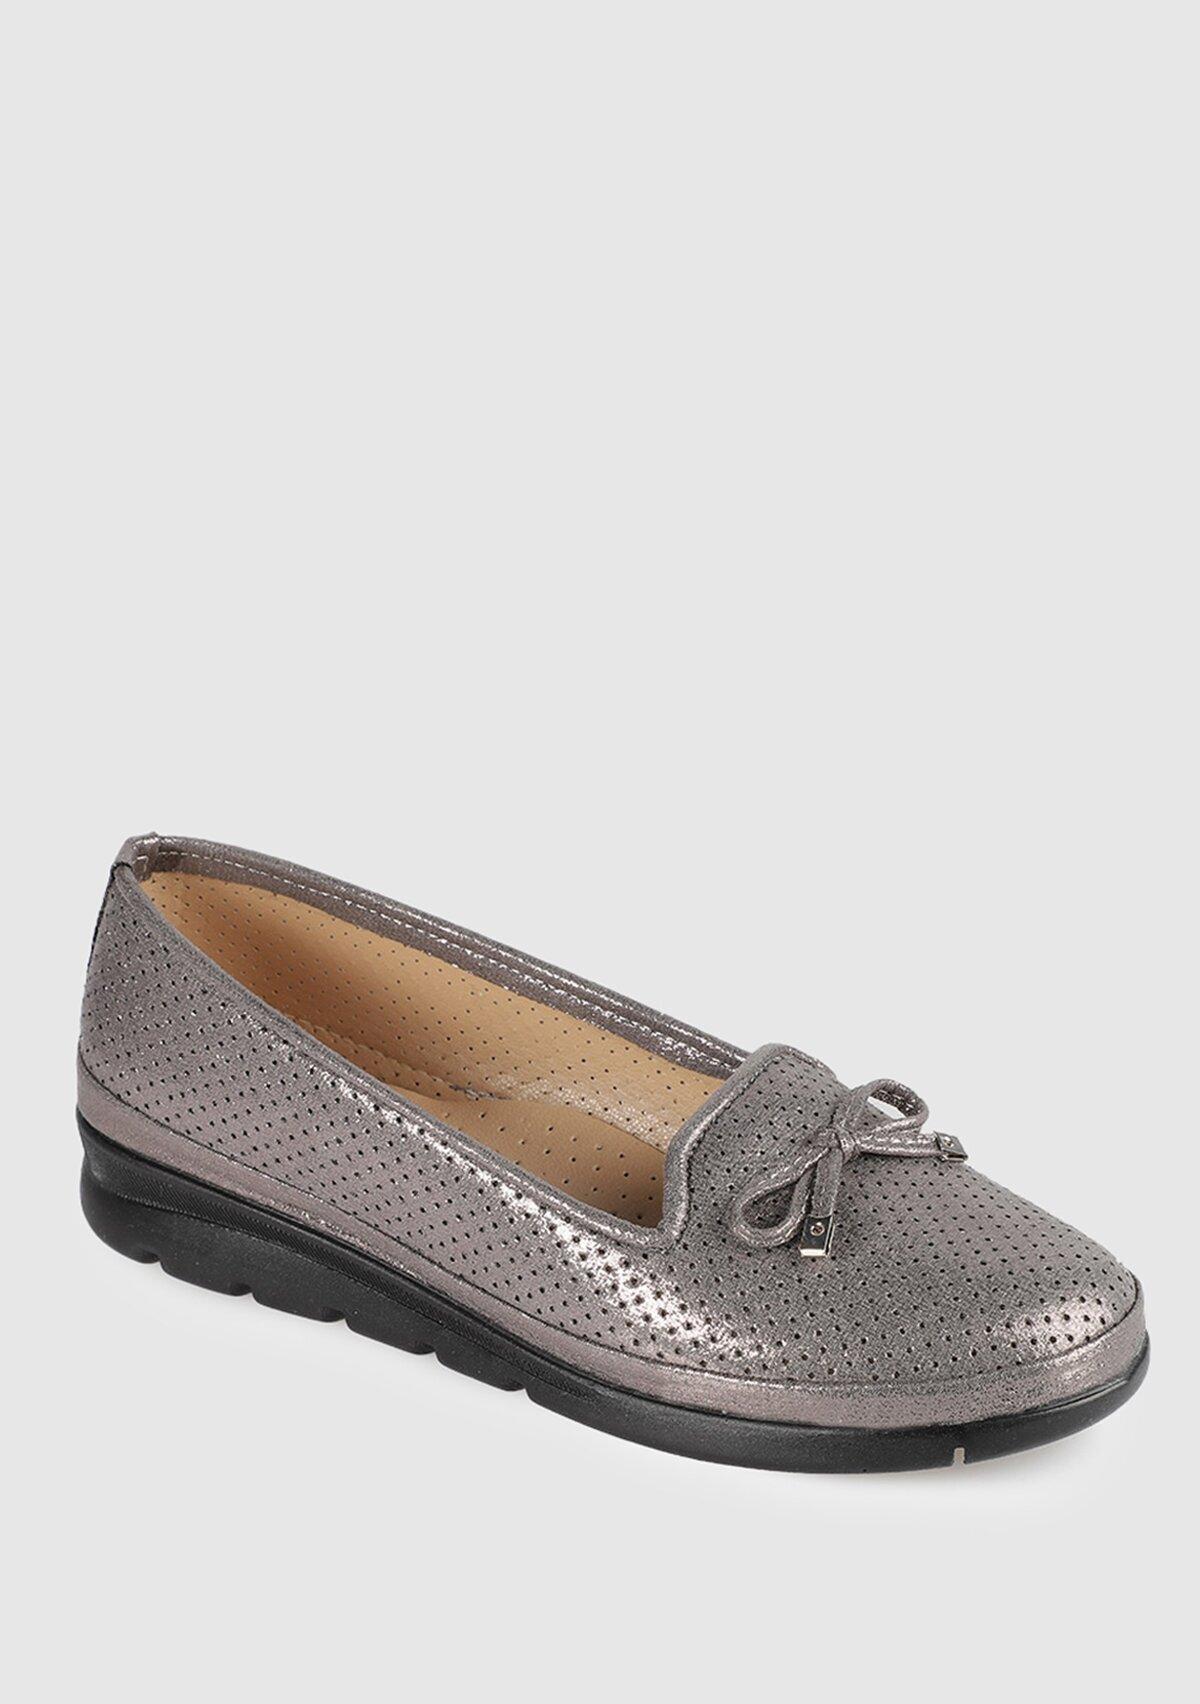 resm Platin Kadın Ayakkabı